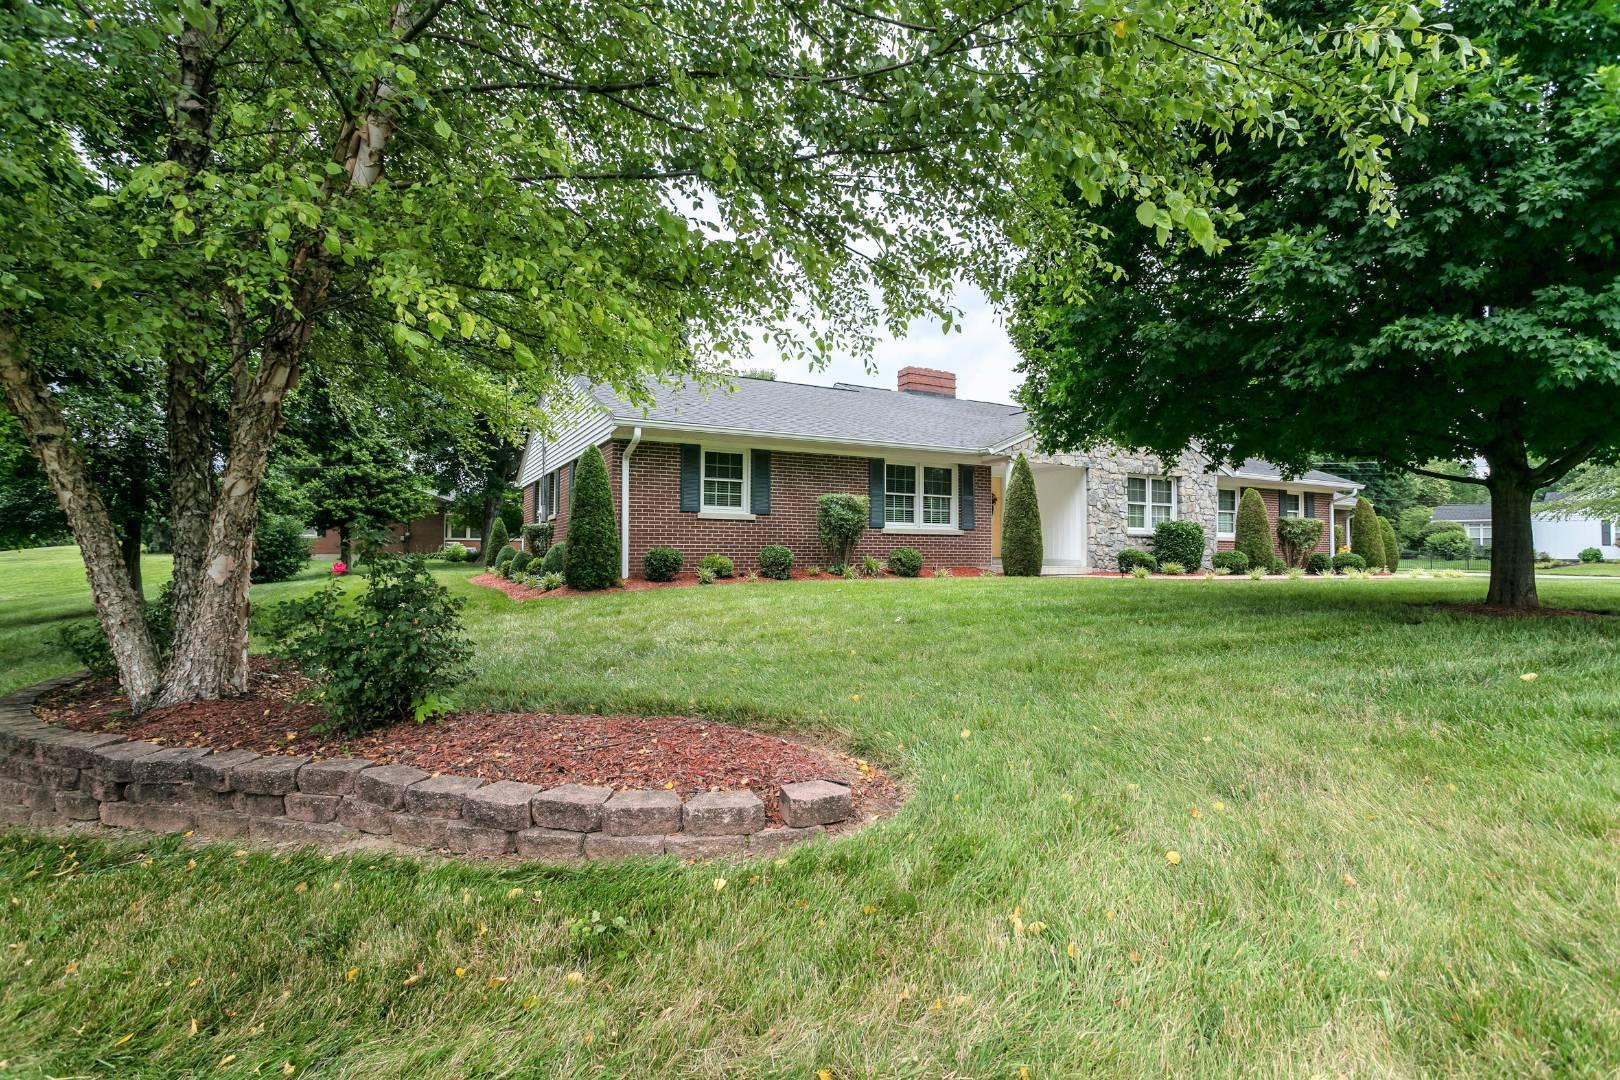 401 S. Proctor Knott Avenue Property Photo 1